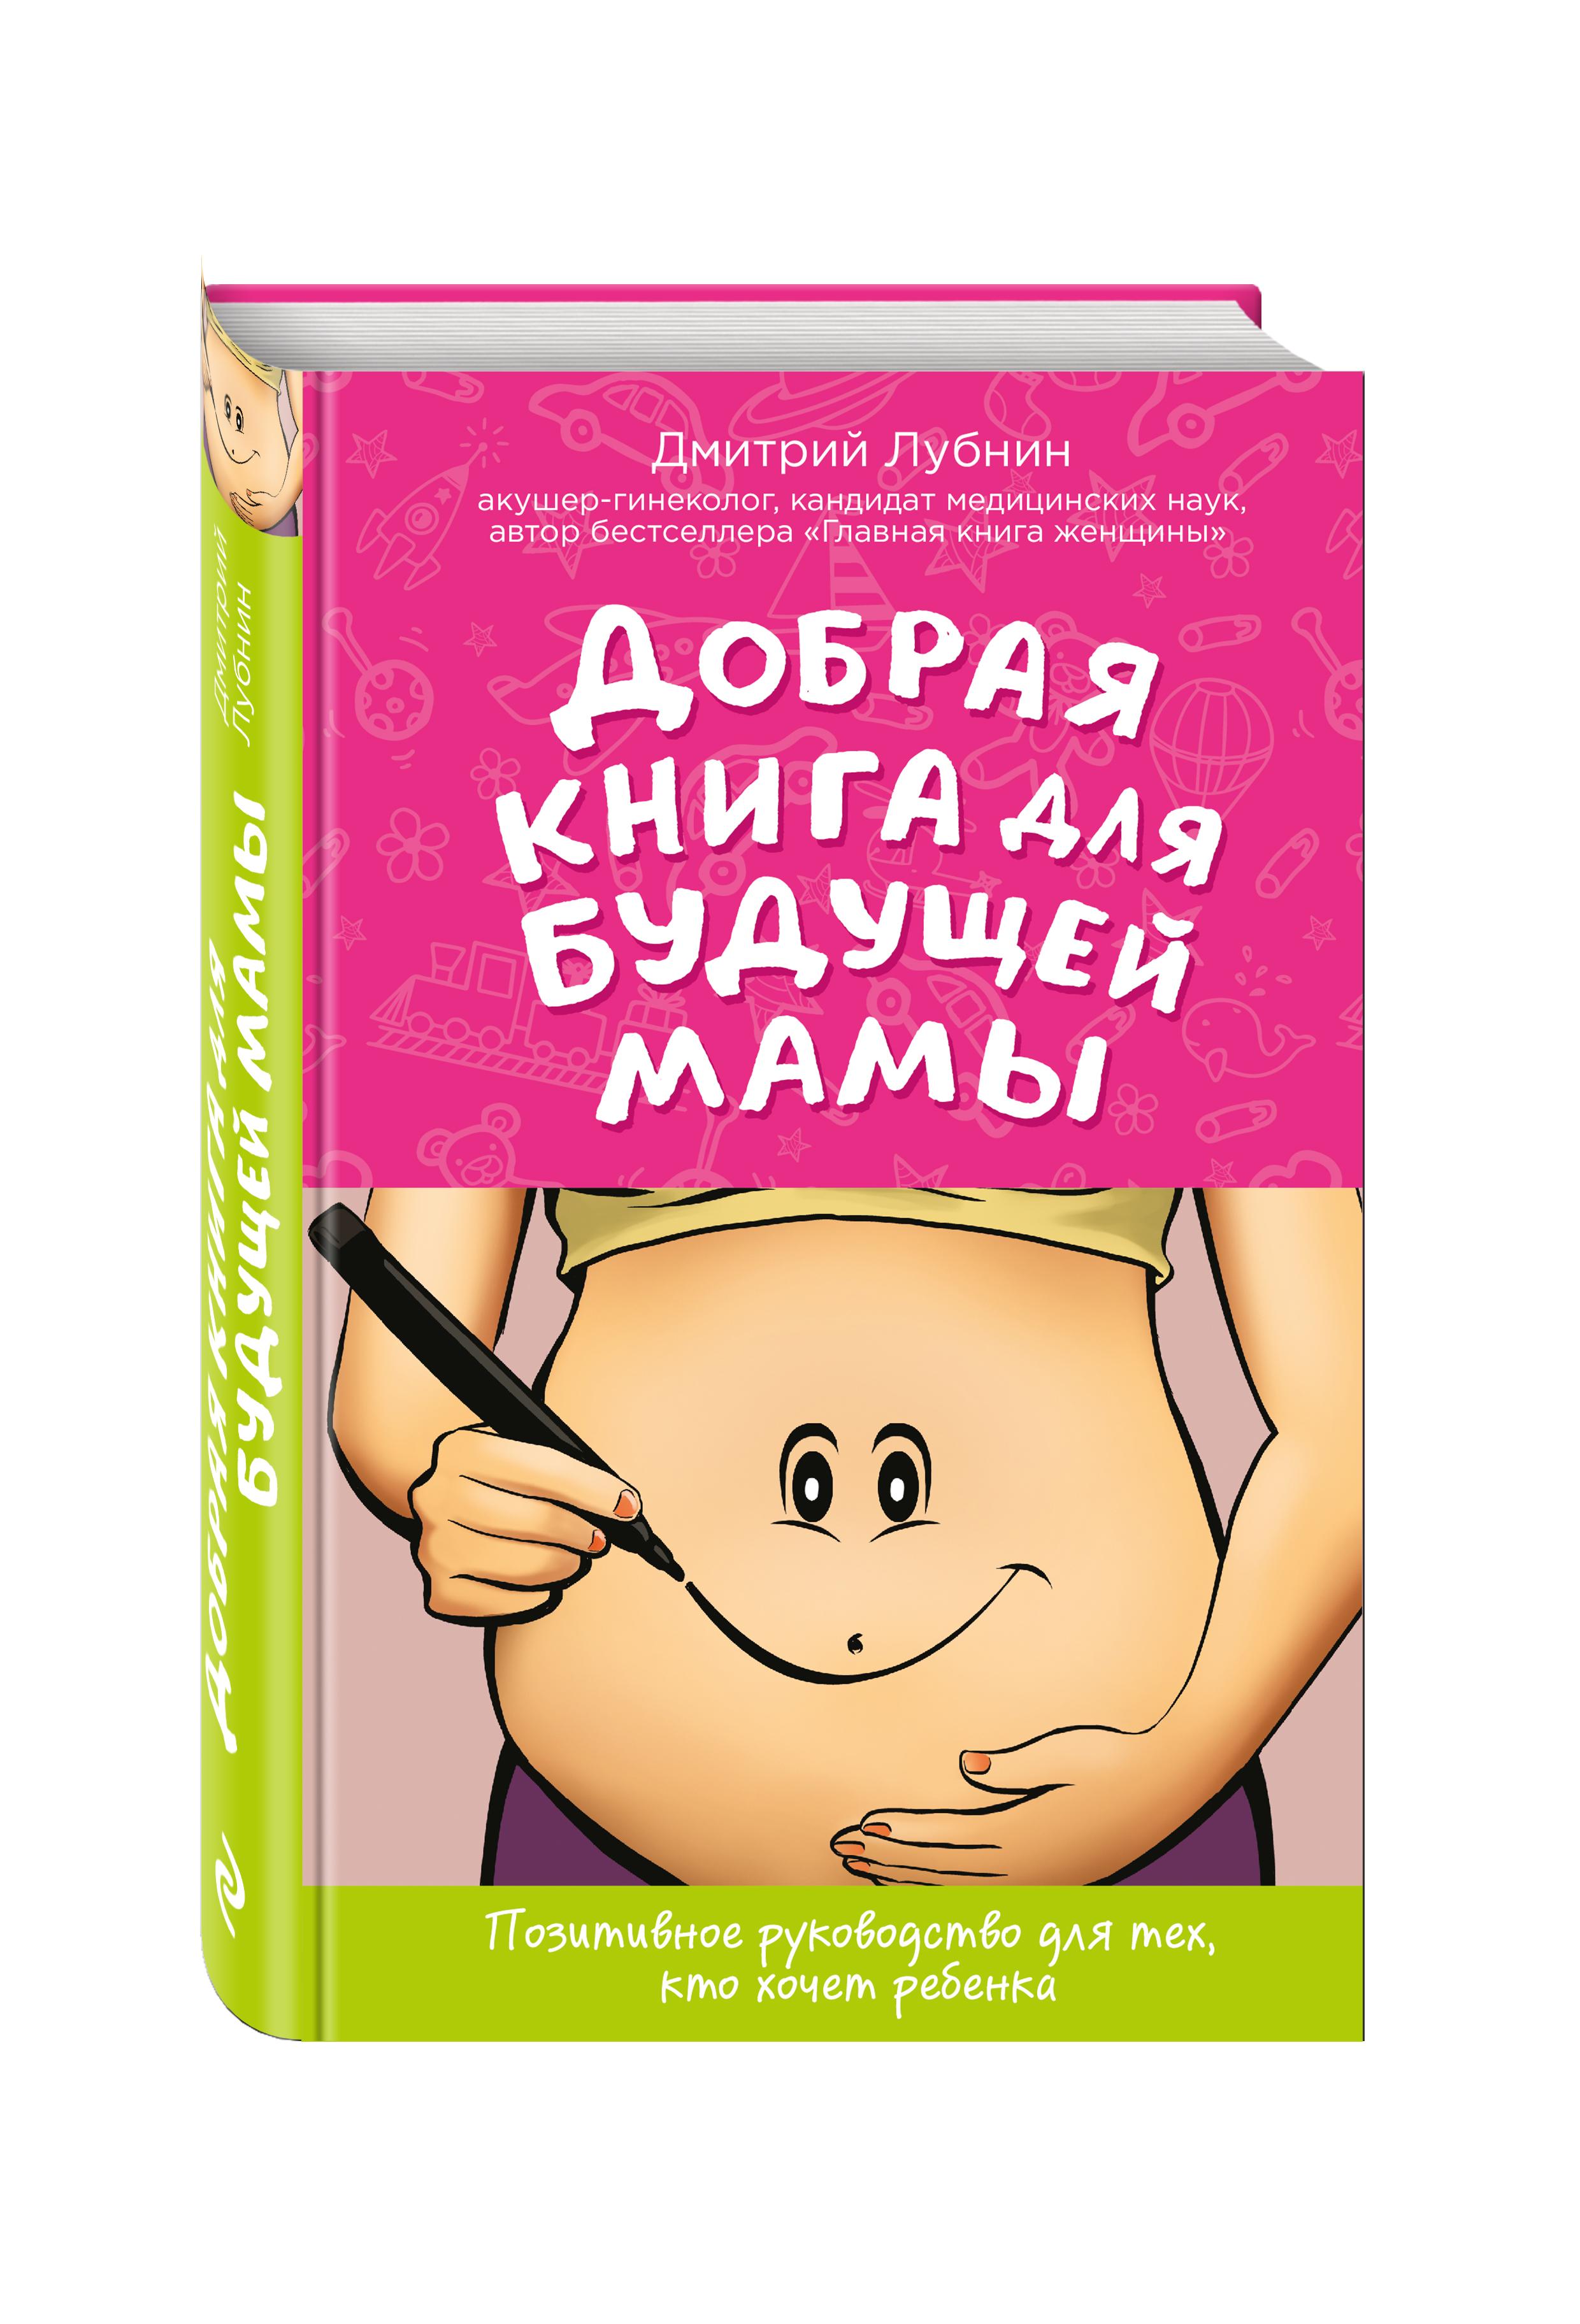 Лубнин Дмитрий Михайлович Добрая книга для будущей мамы. Календарь беременности в подарок